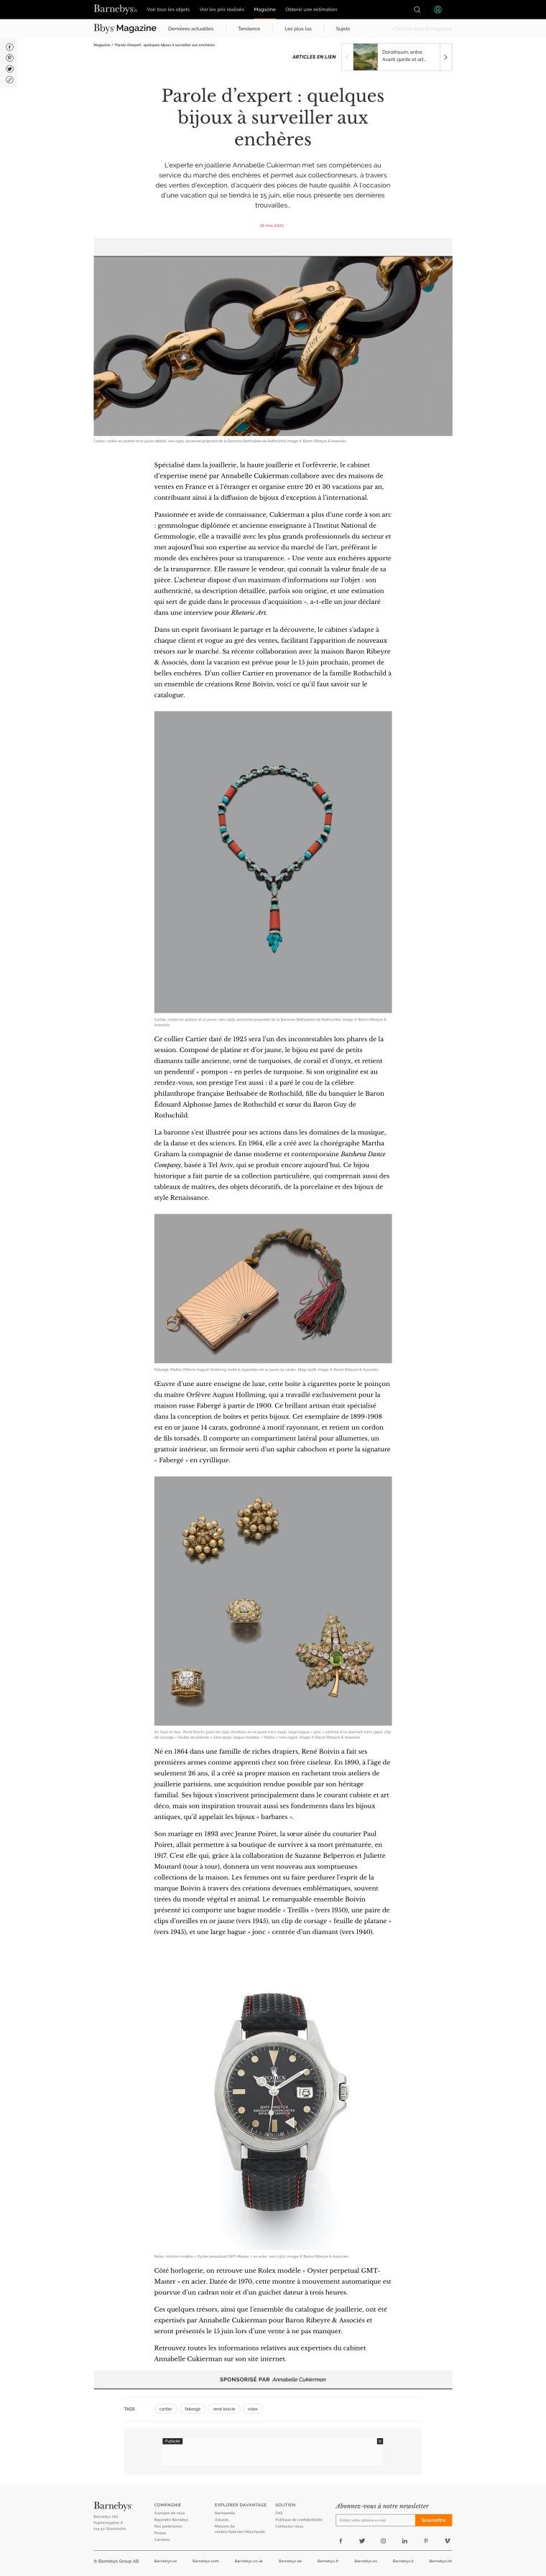 Parole d'expert _ quelques bijoux à surveiller aux enchères _ Magazine Barnebys